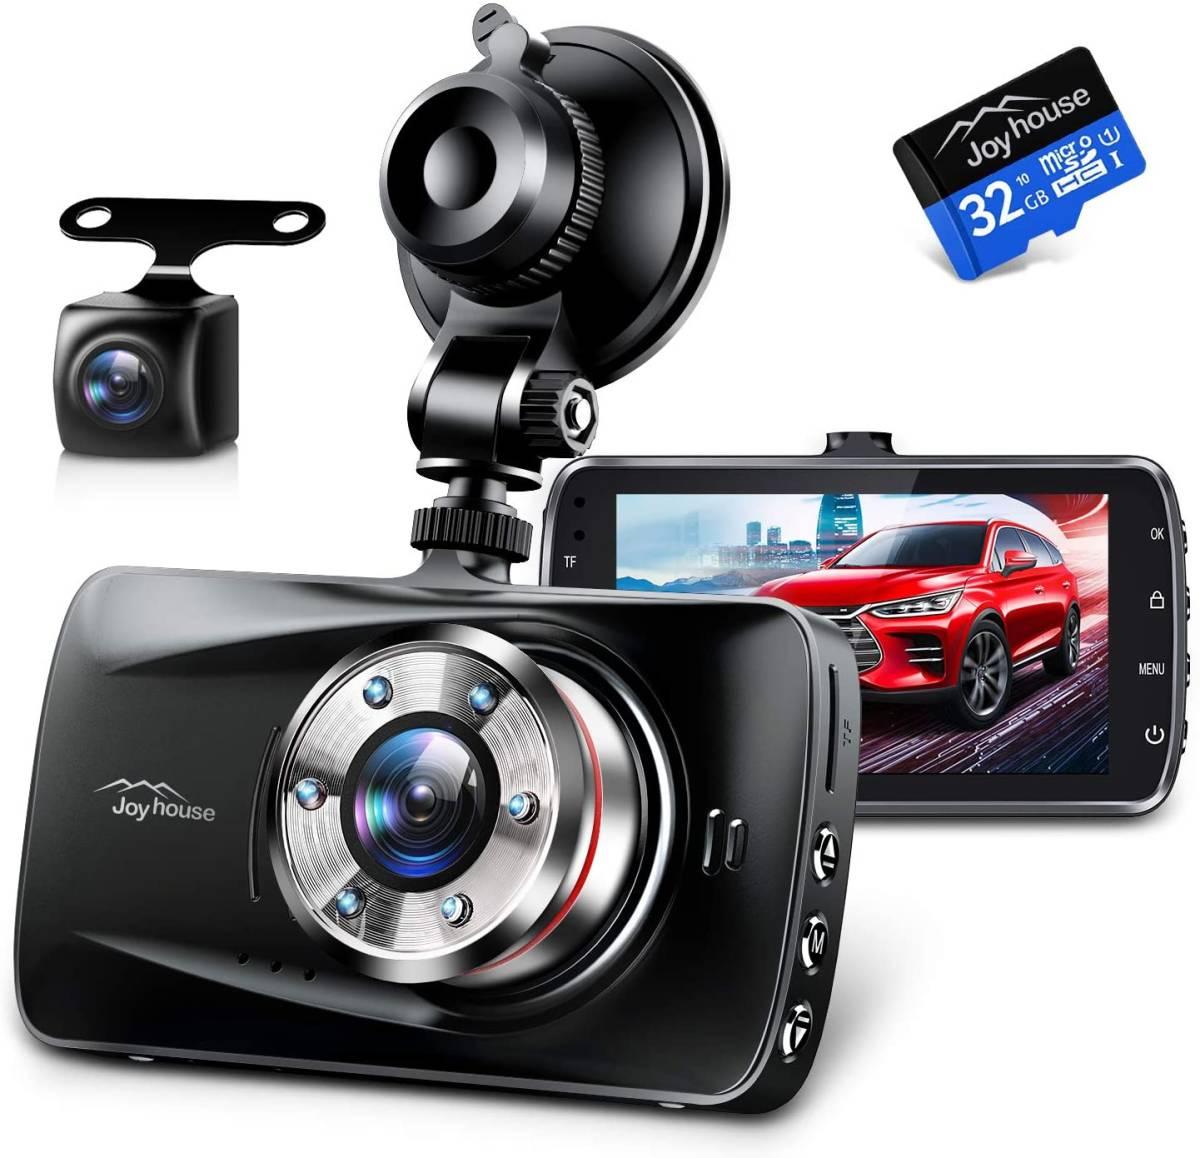 ドライブレコーダー 前後カメラ Sonyセンサー&赤外線暗視ライト. 1296PフルHD高画質 170度広角視野 操作簡単 高速起動 駐車監視 常時録画_画像1